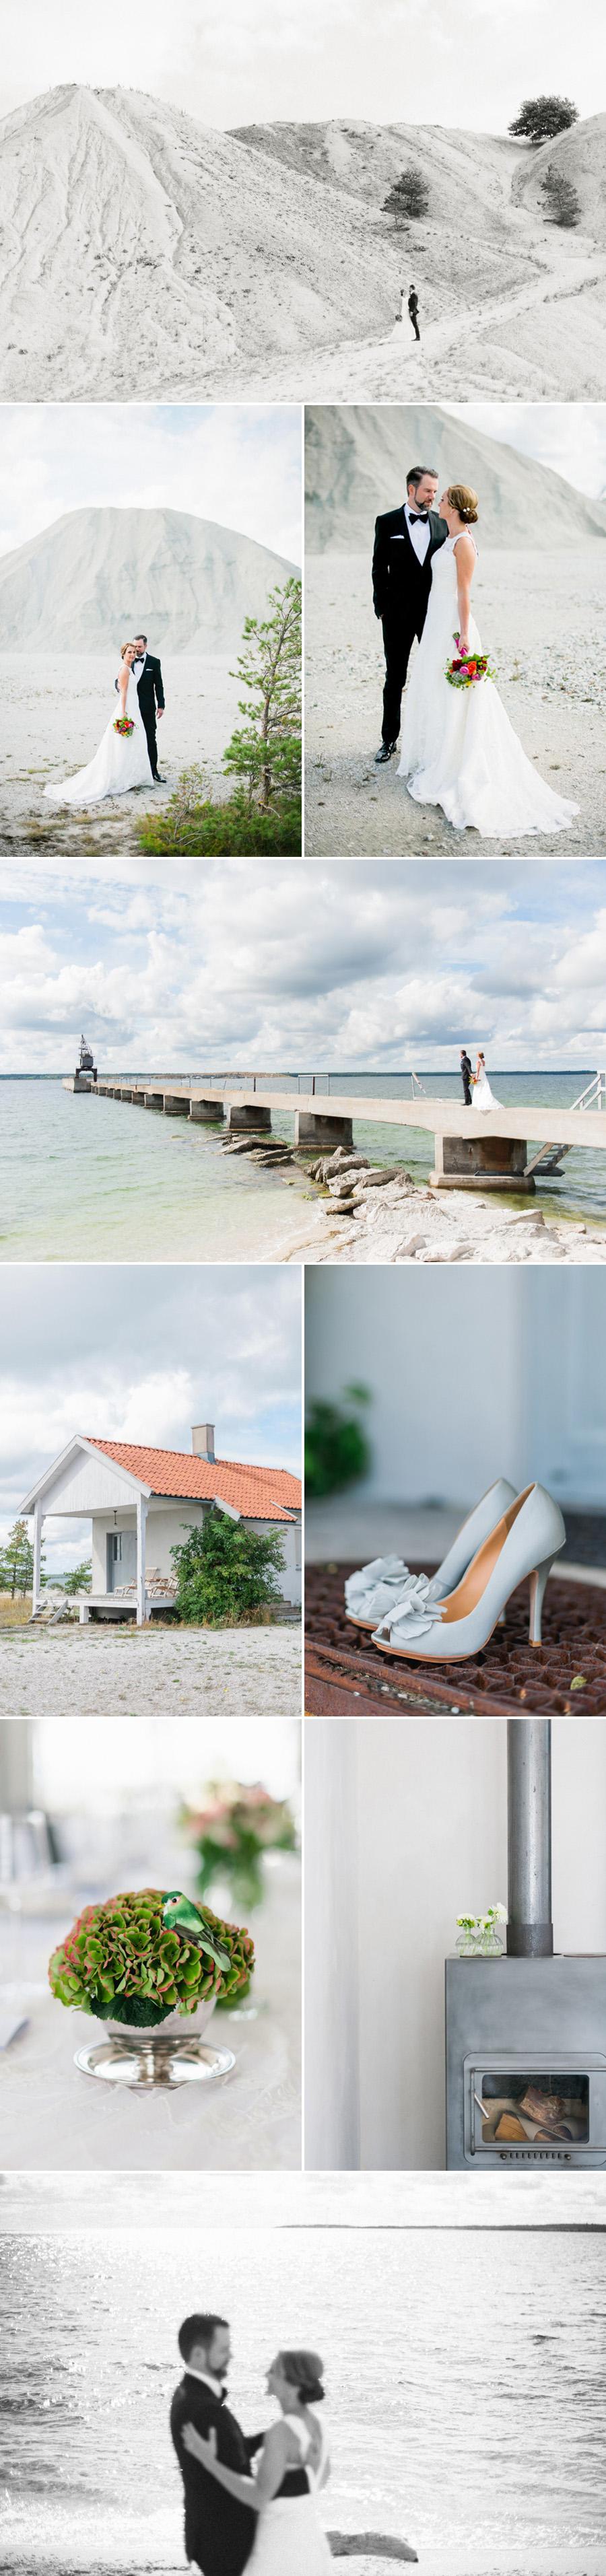 Norrehed Bröllopsfotograf Gotland